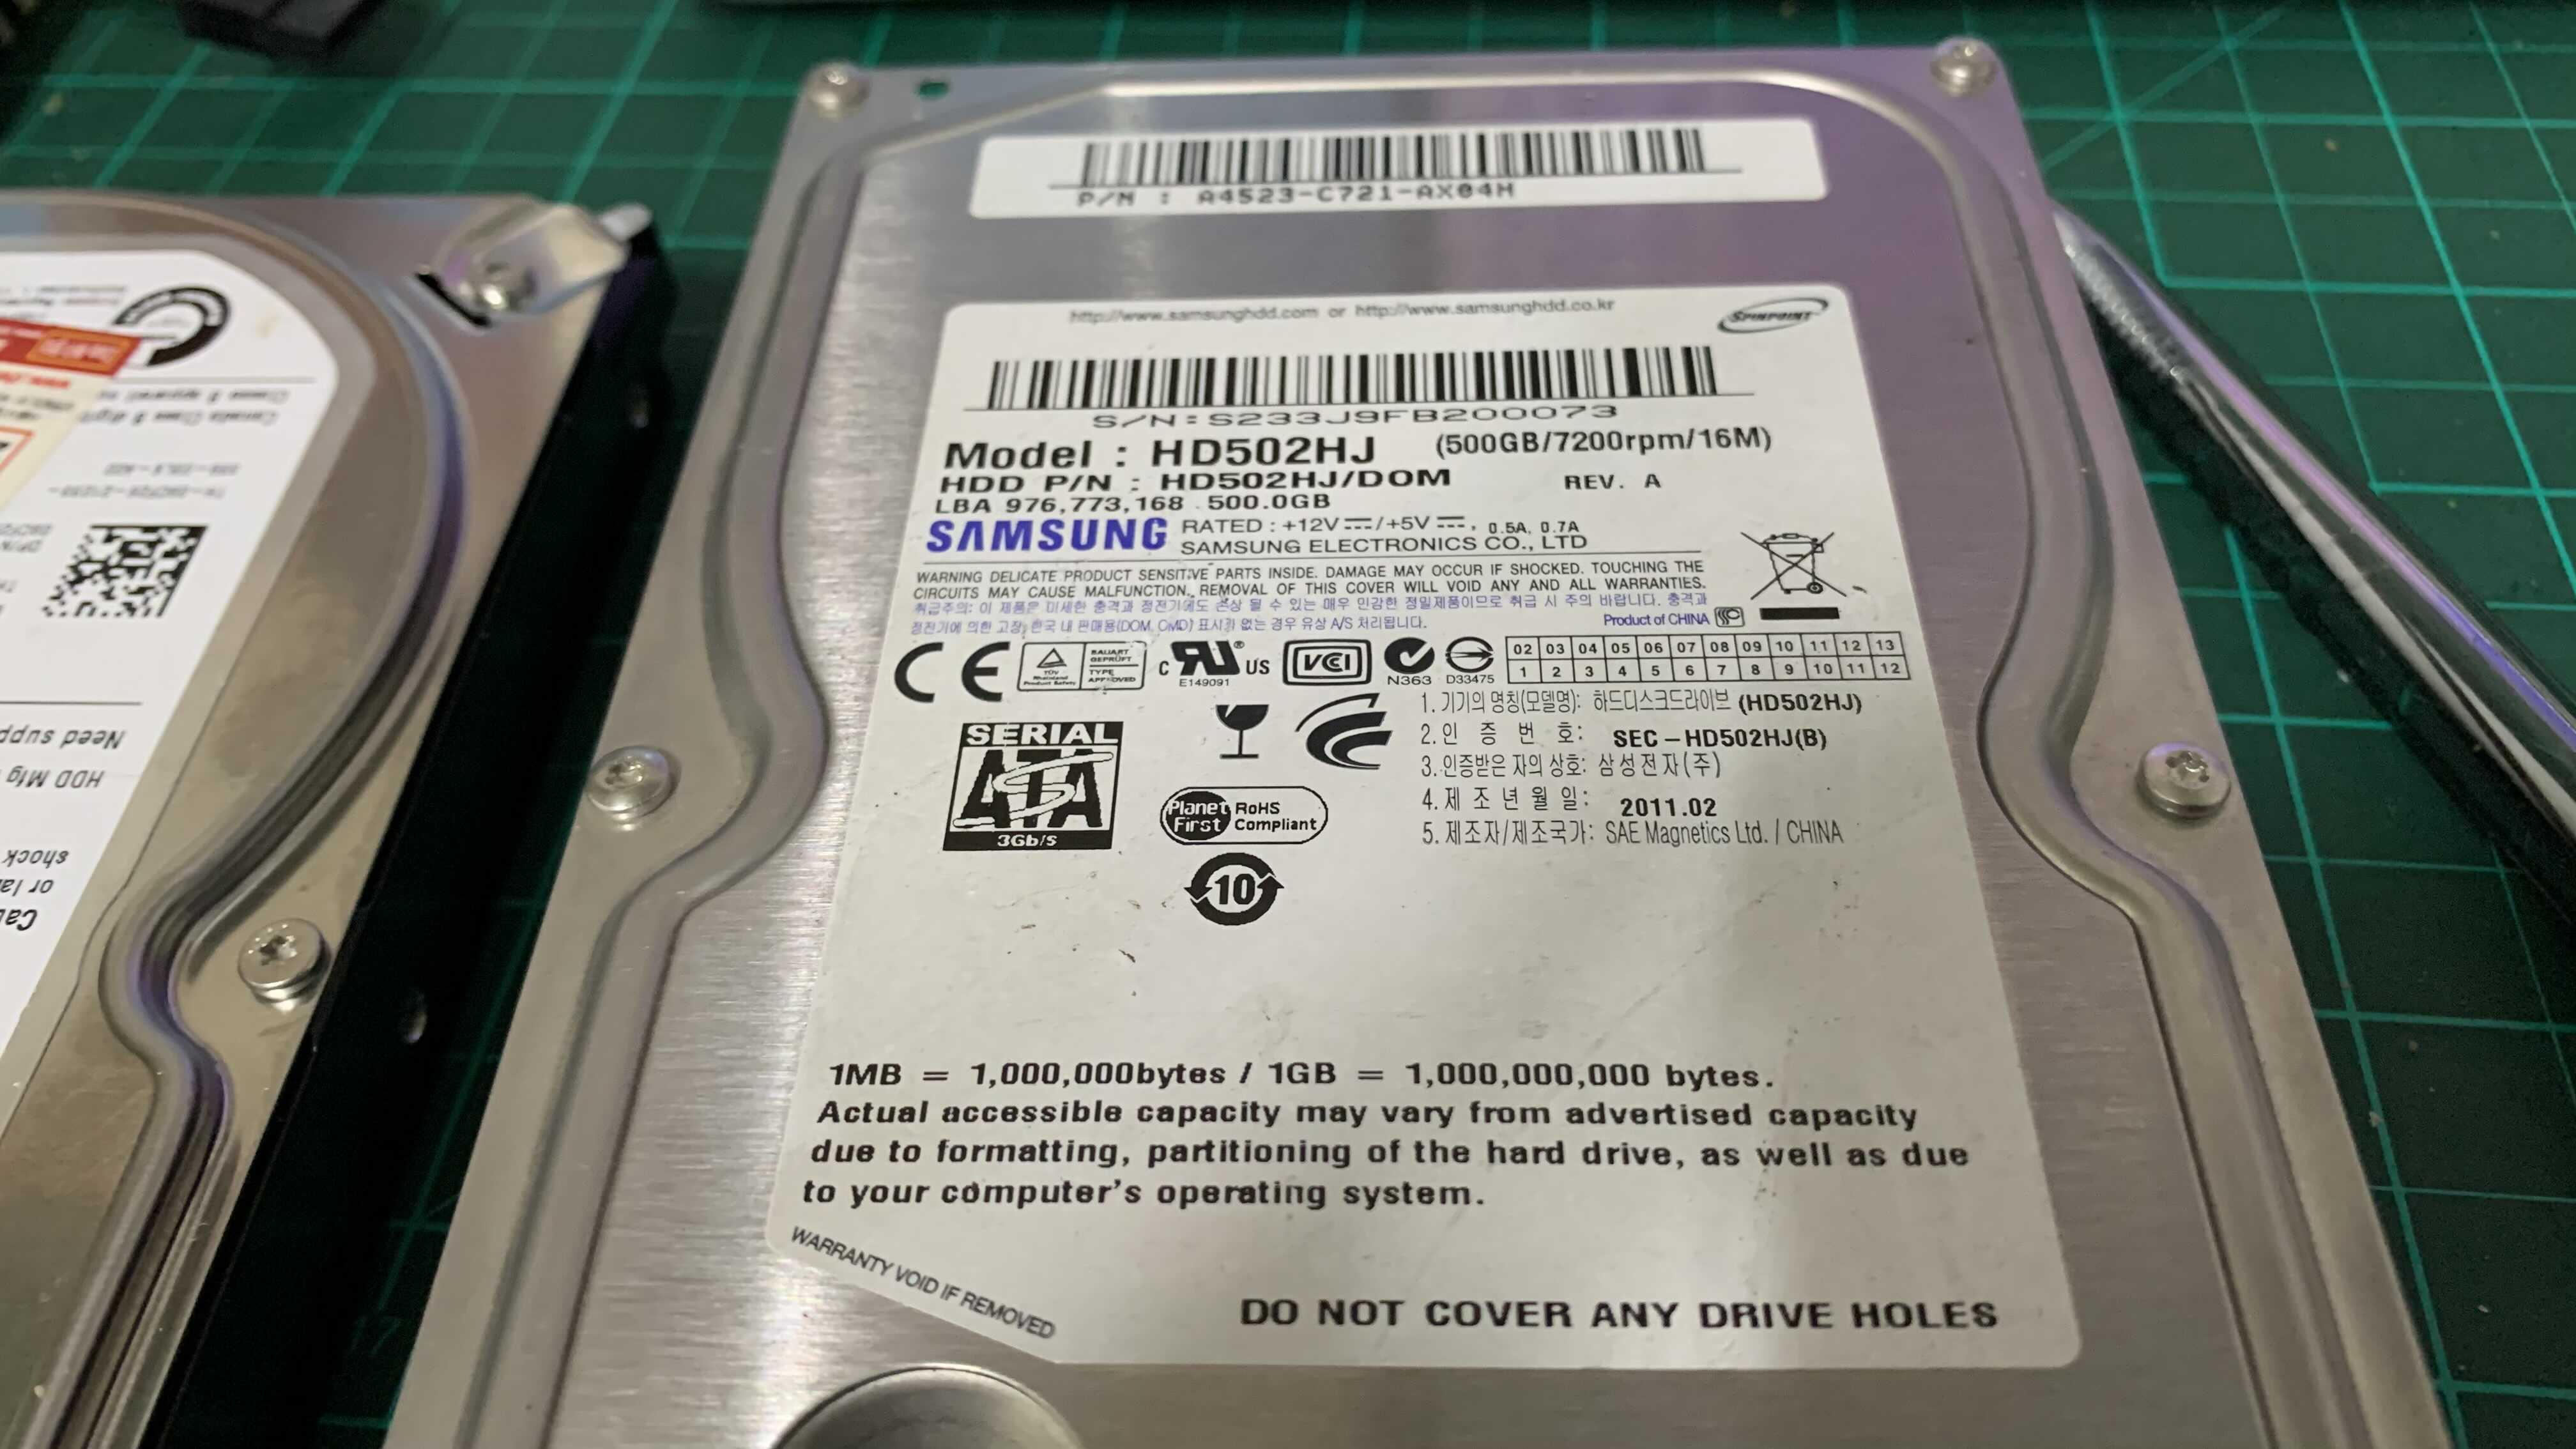 외장하드케이스 USB3.0 배송 중 데스크탑 컴퓨터 HDD 500GB 노트북에서 사용하기